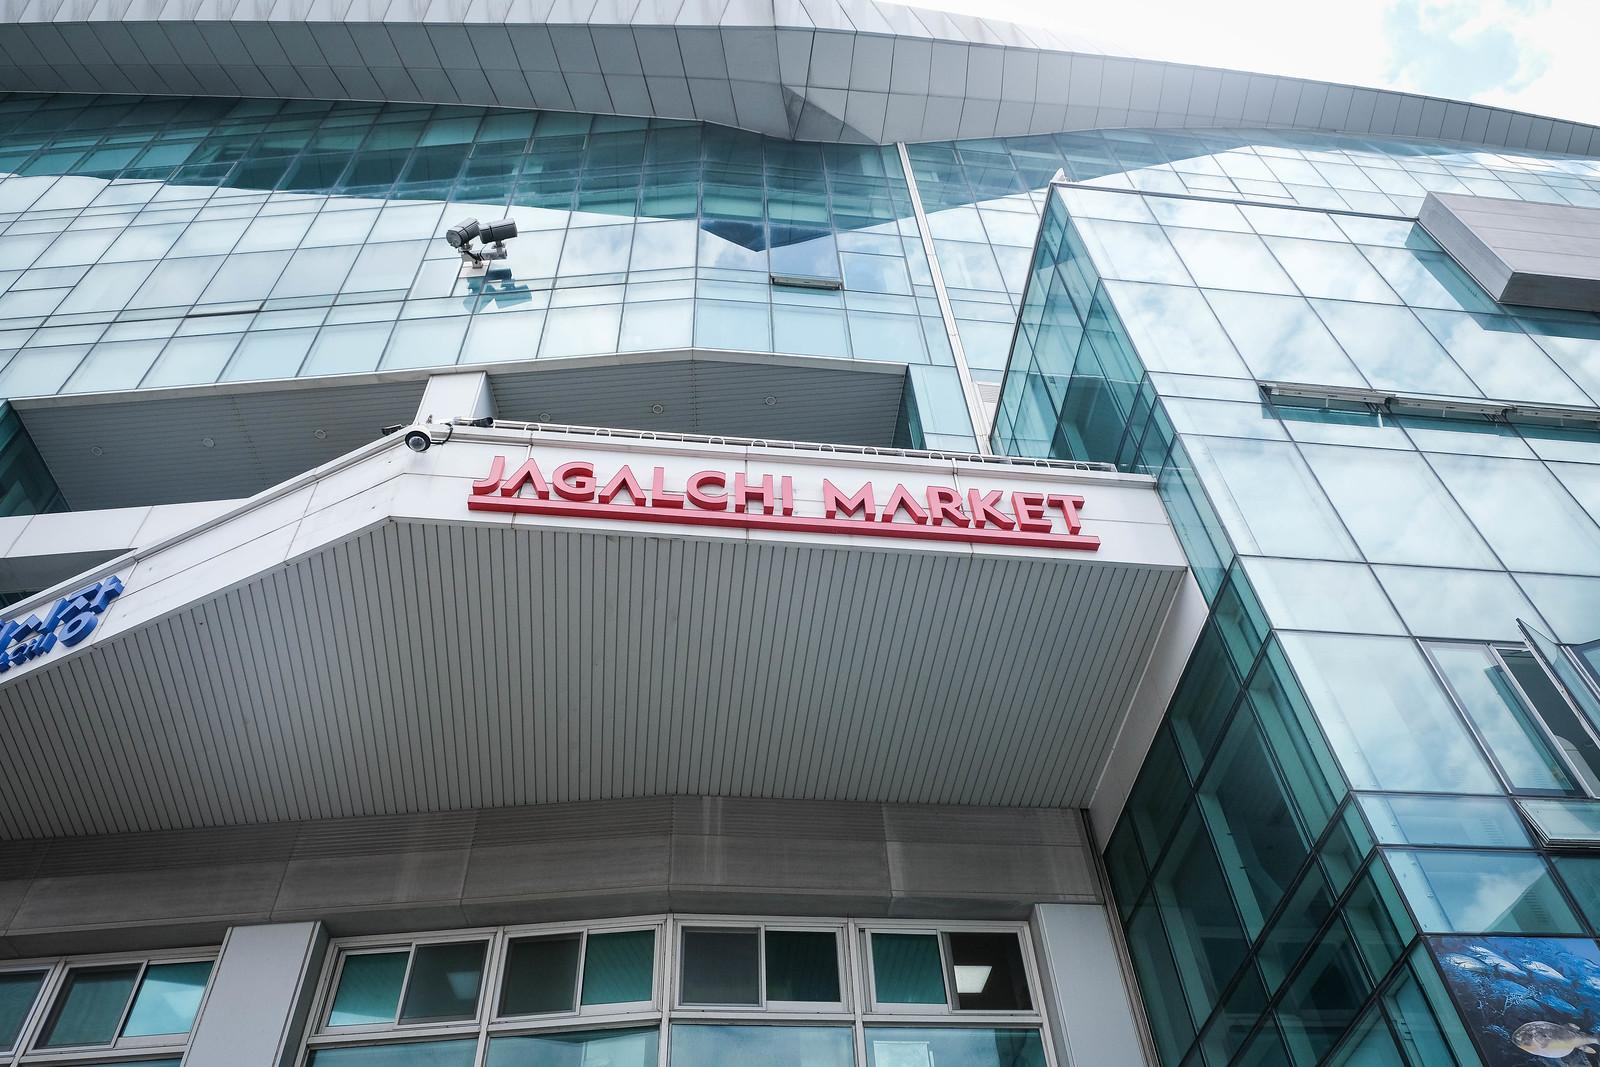 札嘎其市场外观